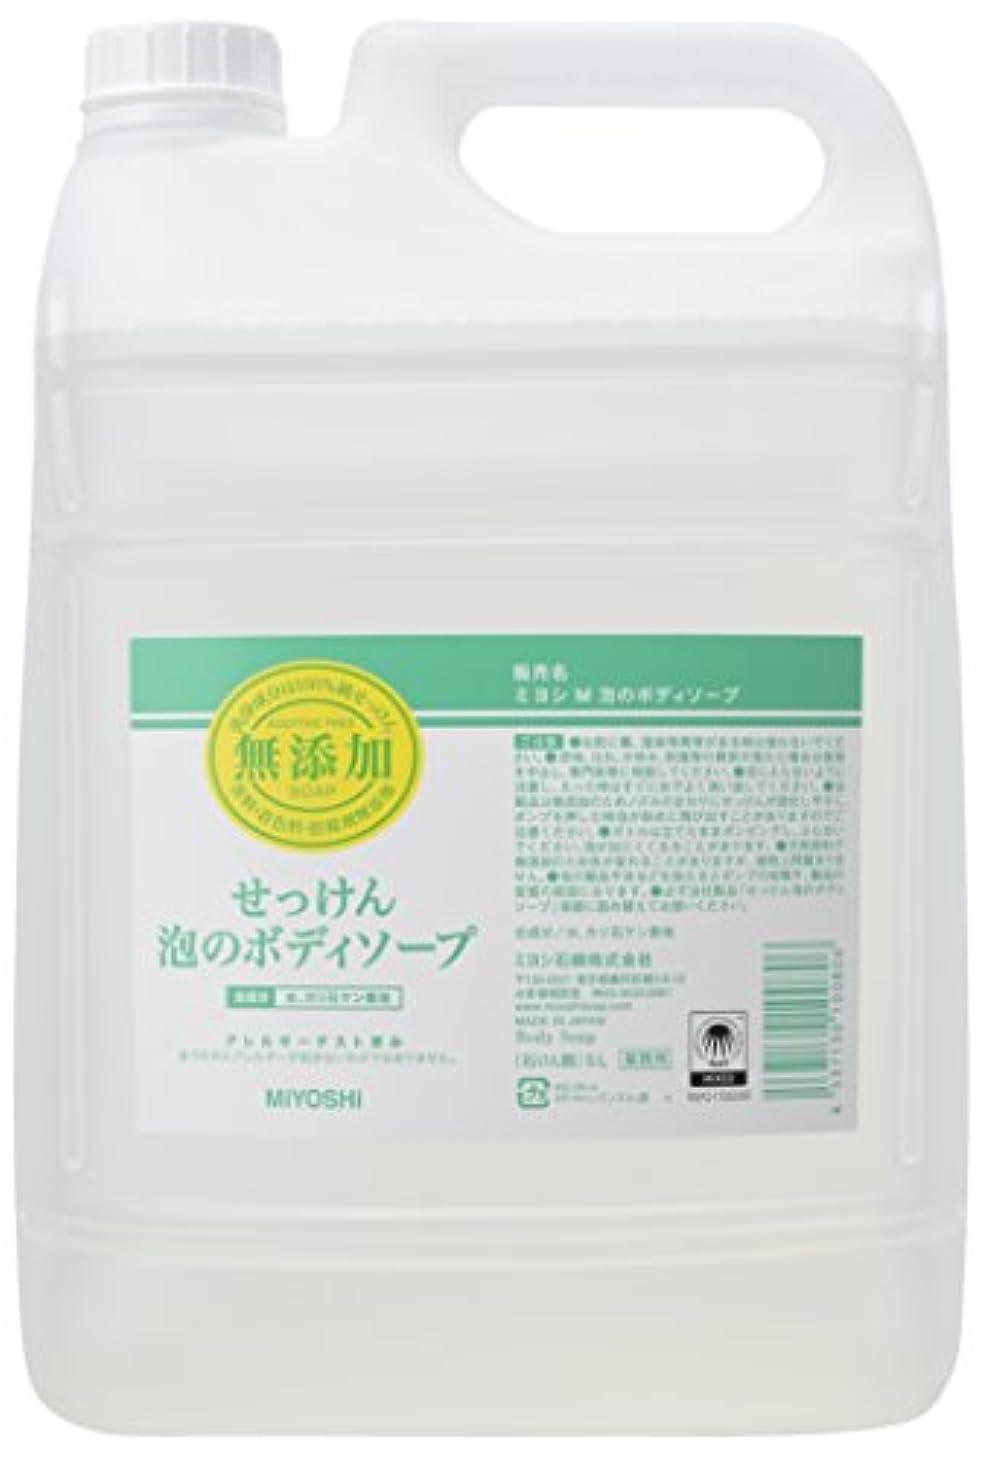 テーブルピアース怖がって死ぬミヨシ石鹸 無添加せっけん 泡のボディソープ 詰替え用 5L